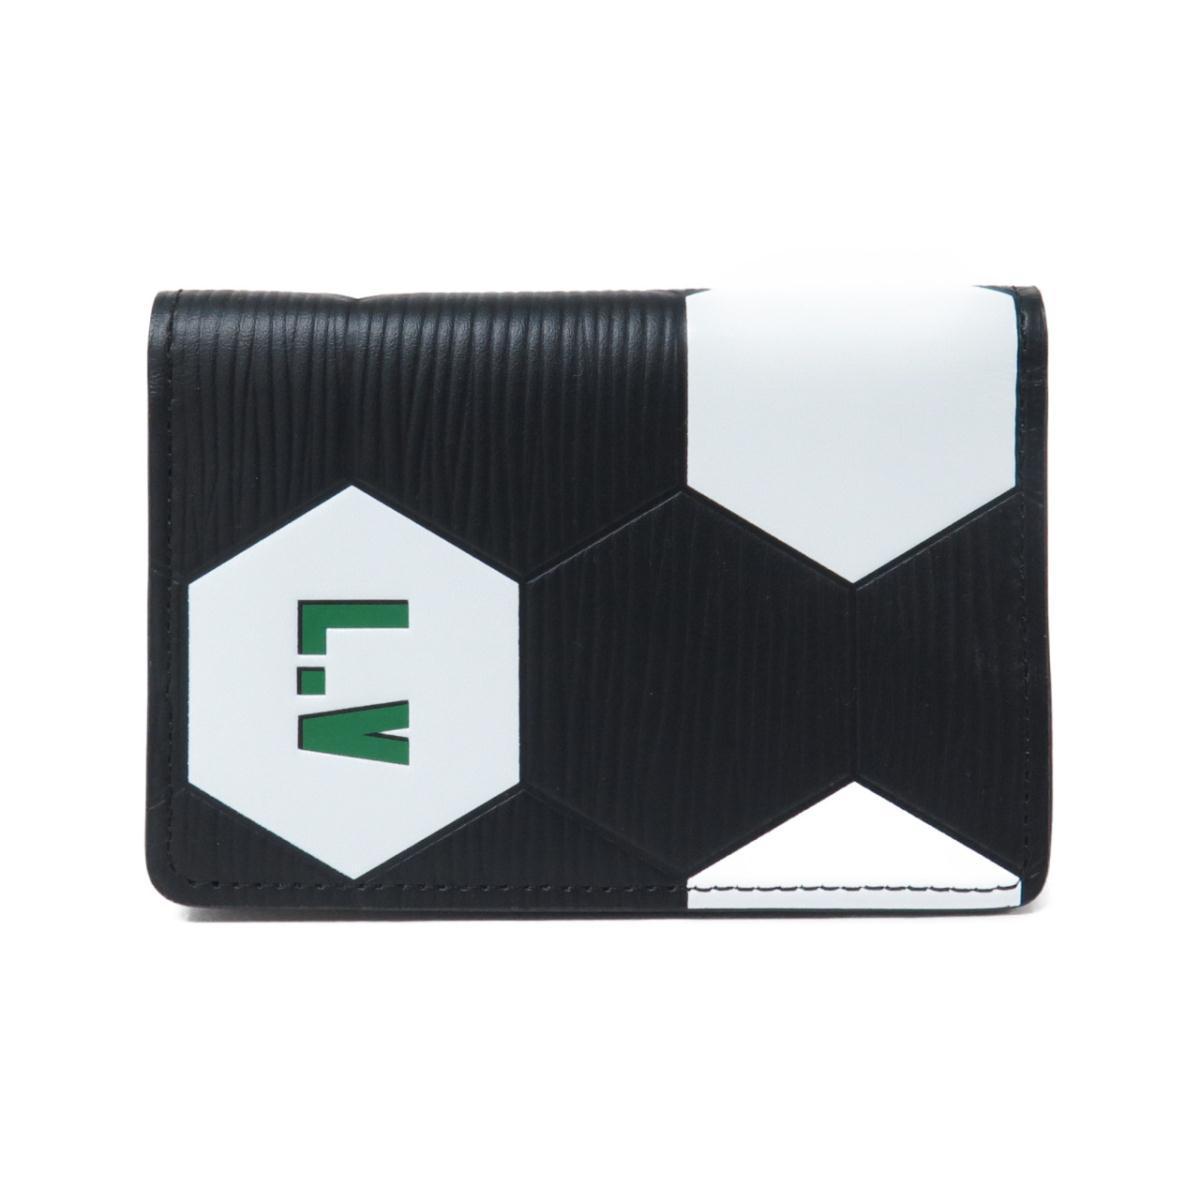 ルイヴィトン エピ カードケース M63296【中古】